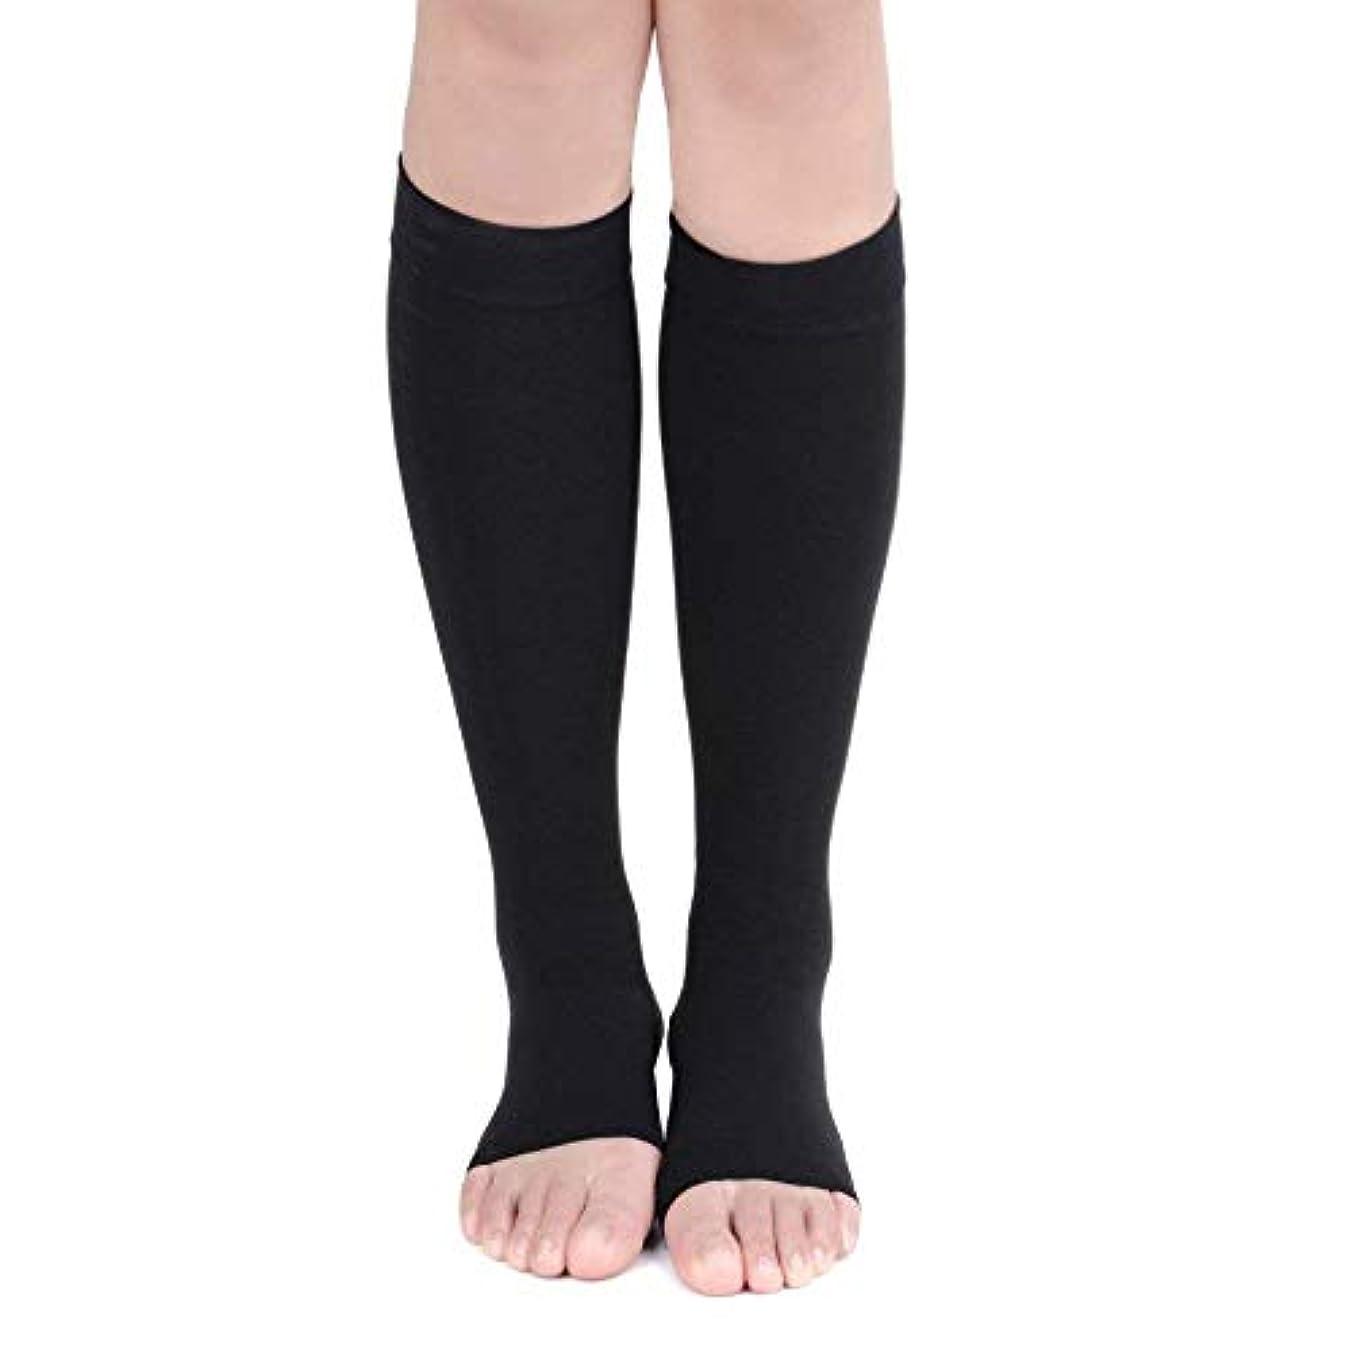 最小化する雨軽量EagleUS Knee High Compression Socks for Men Women 20-30mmHg Open Toe Stockings (XL, Black) by EagleUS(CA Seller)